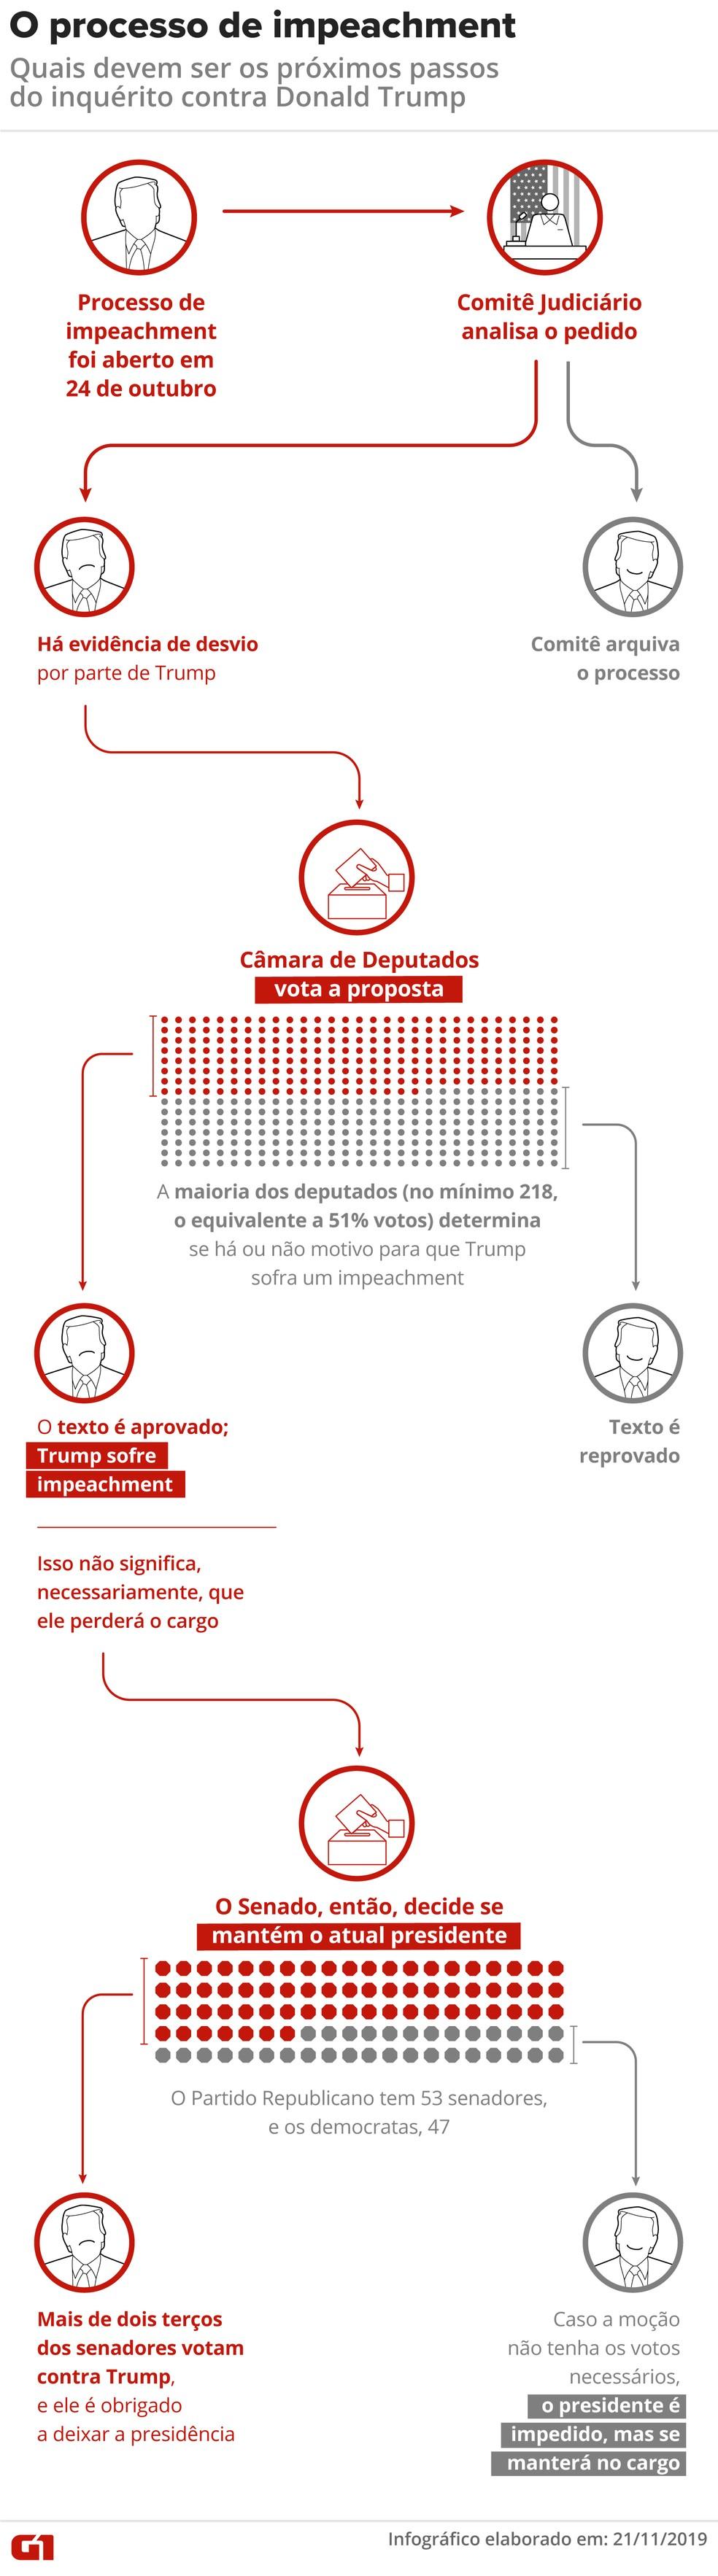 Gráfico mostra quais os possíveis desdobramentos do processo de impeachment de Donald Trump — Foto: Guilherme Pinheiro/G1